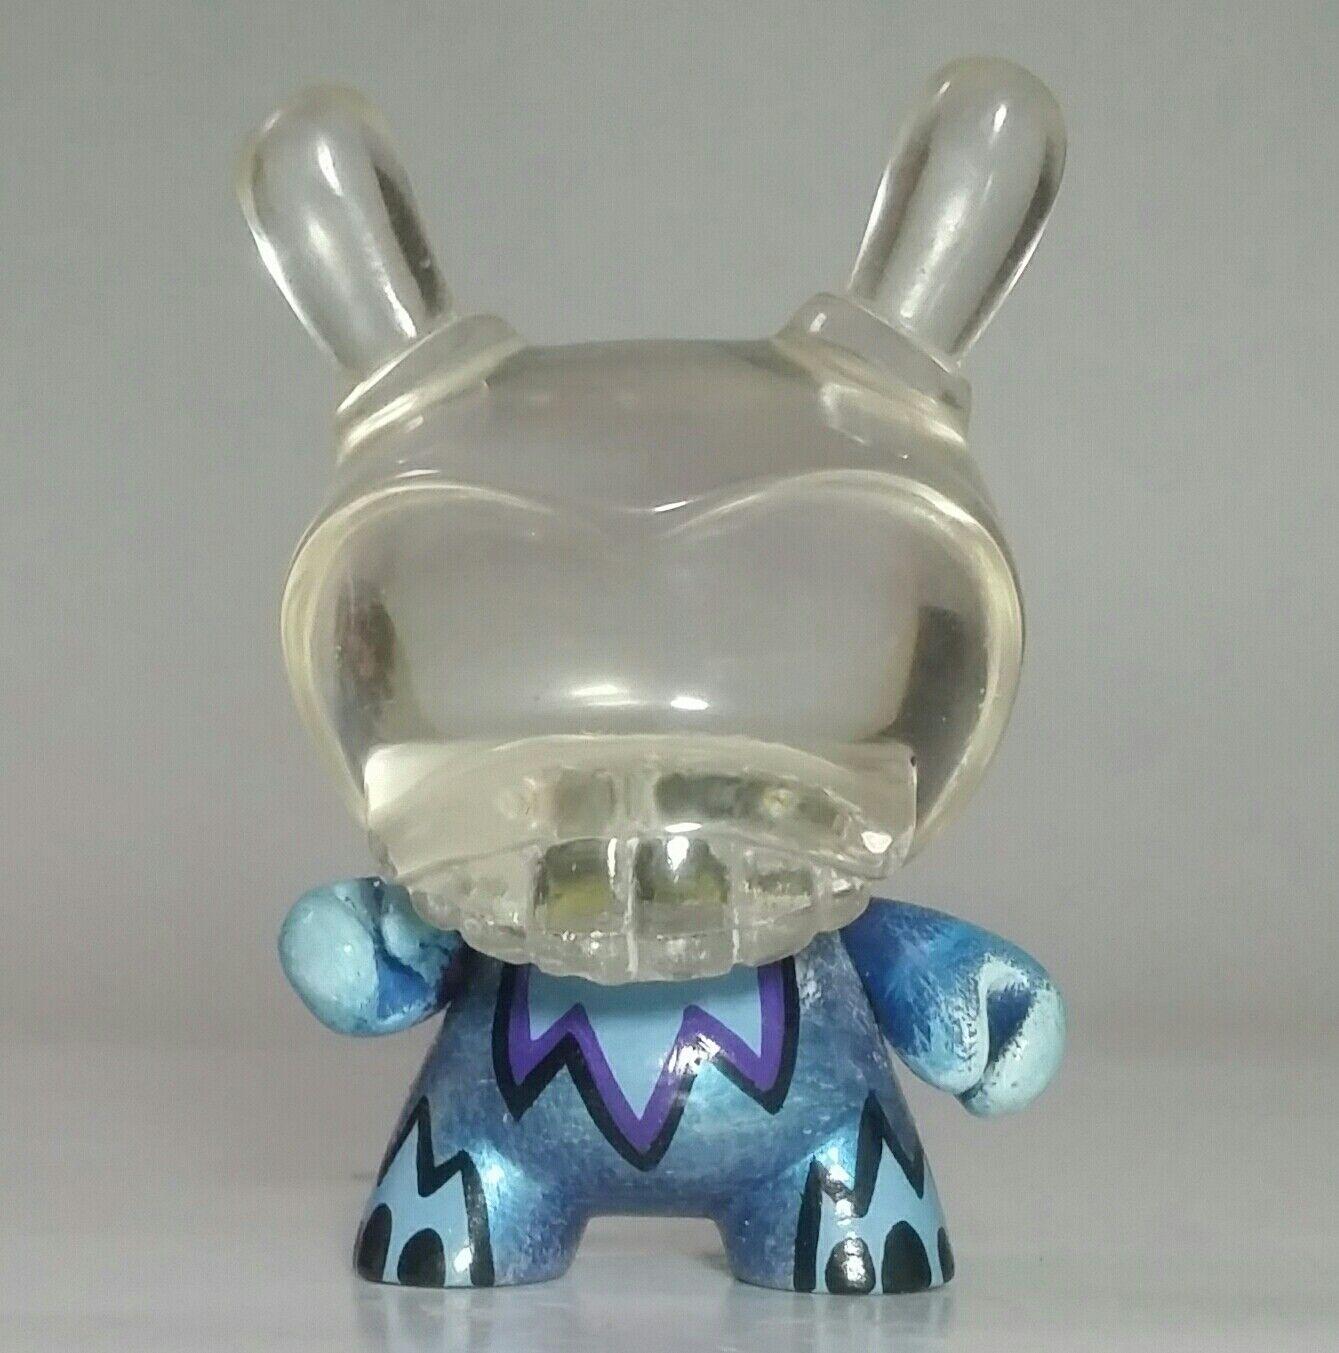 Rsin Art Kidrobot 3 Custom Dunny